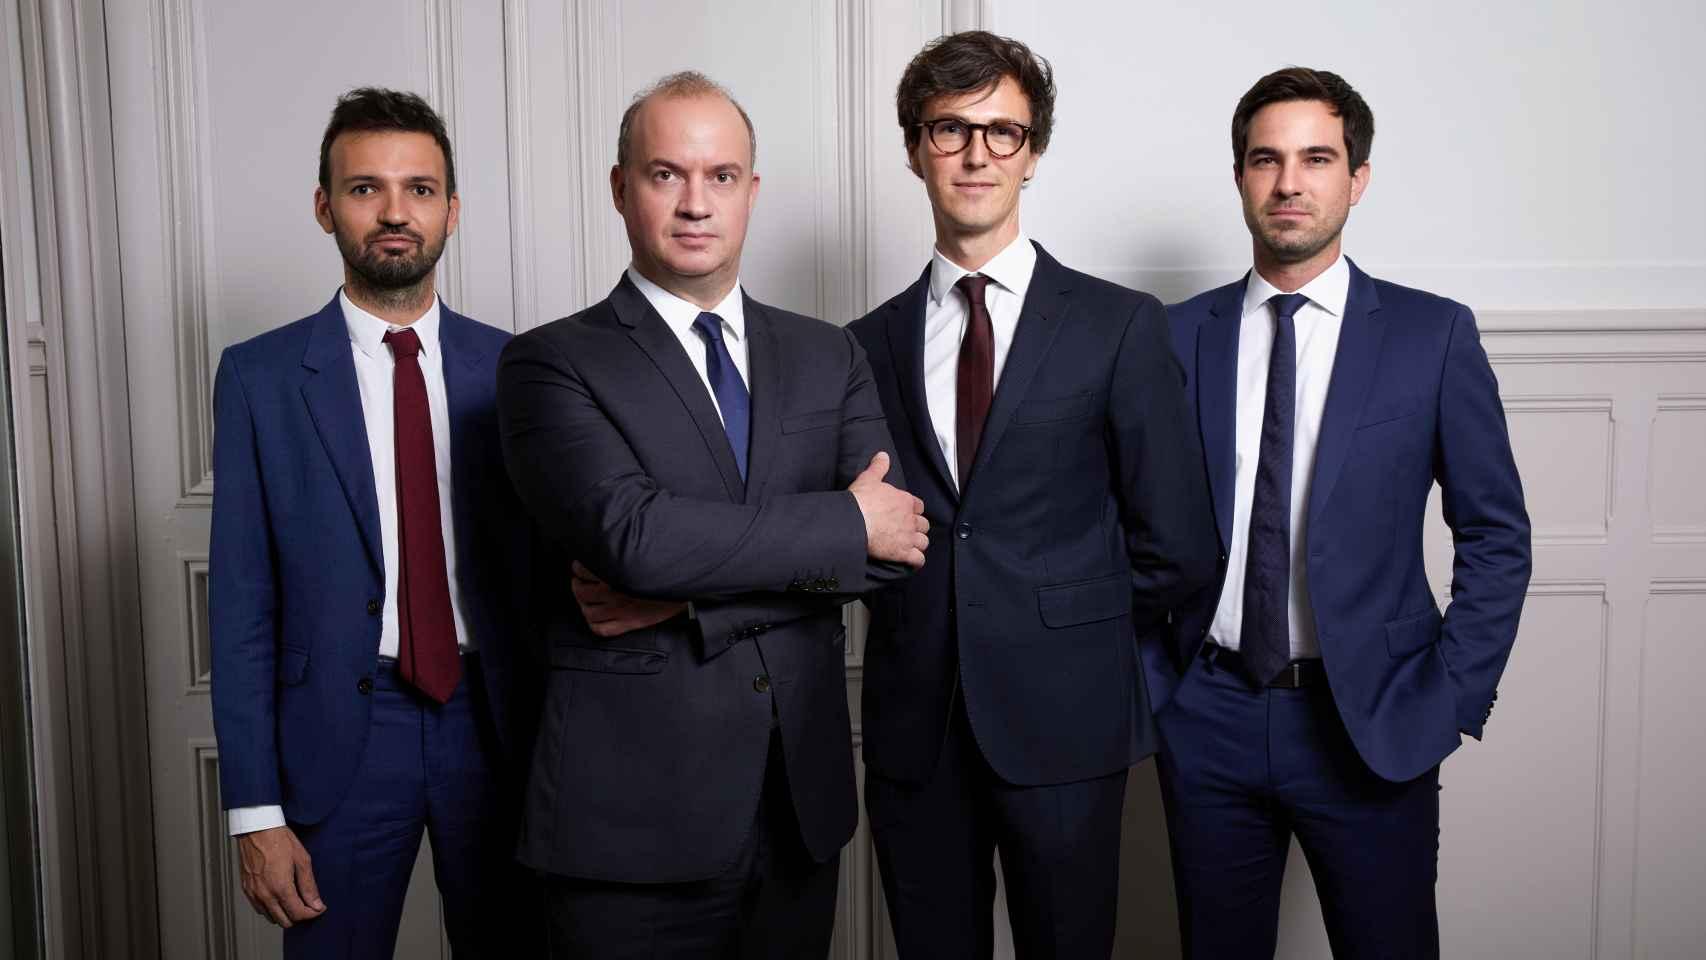 Cyrille Carrière, el segundo por la izquierda, y su equipo de analistas.